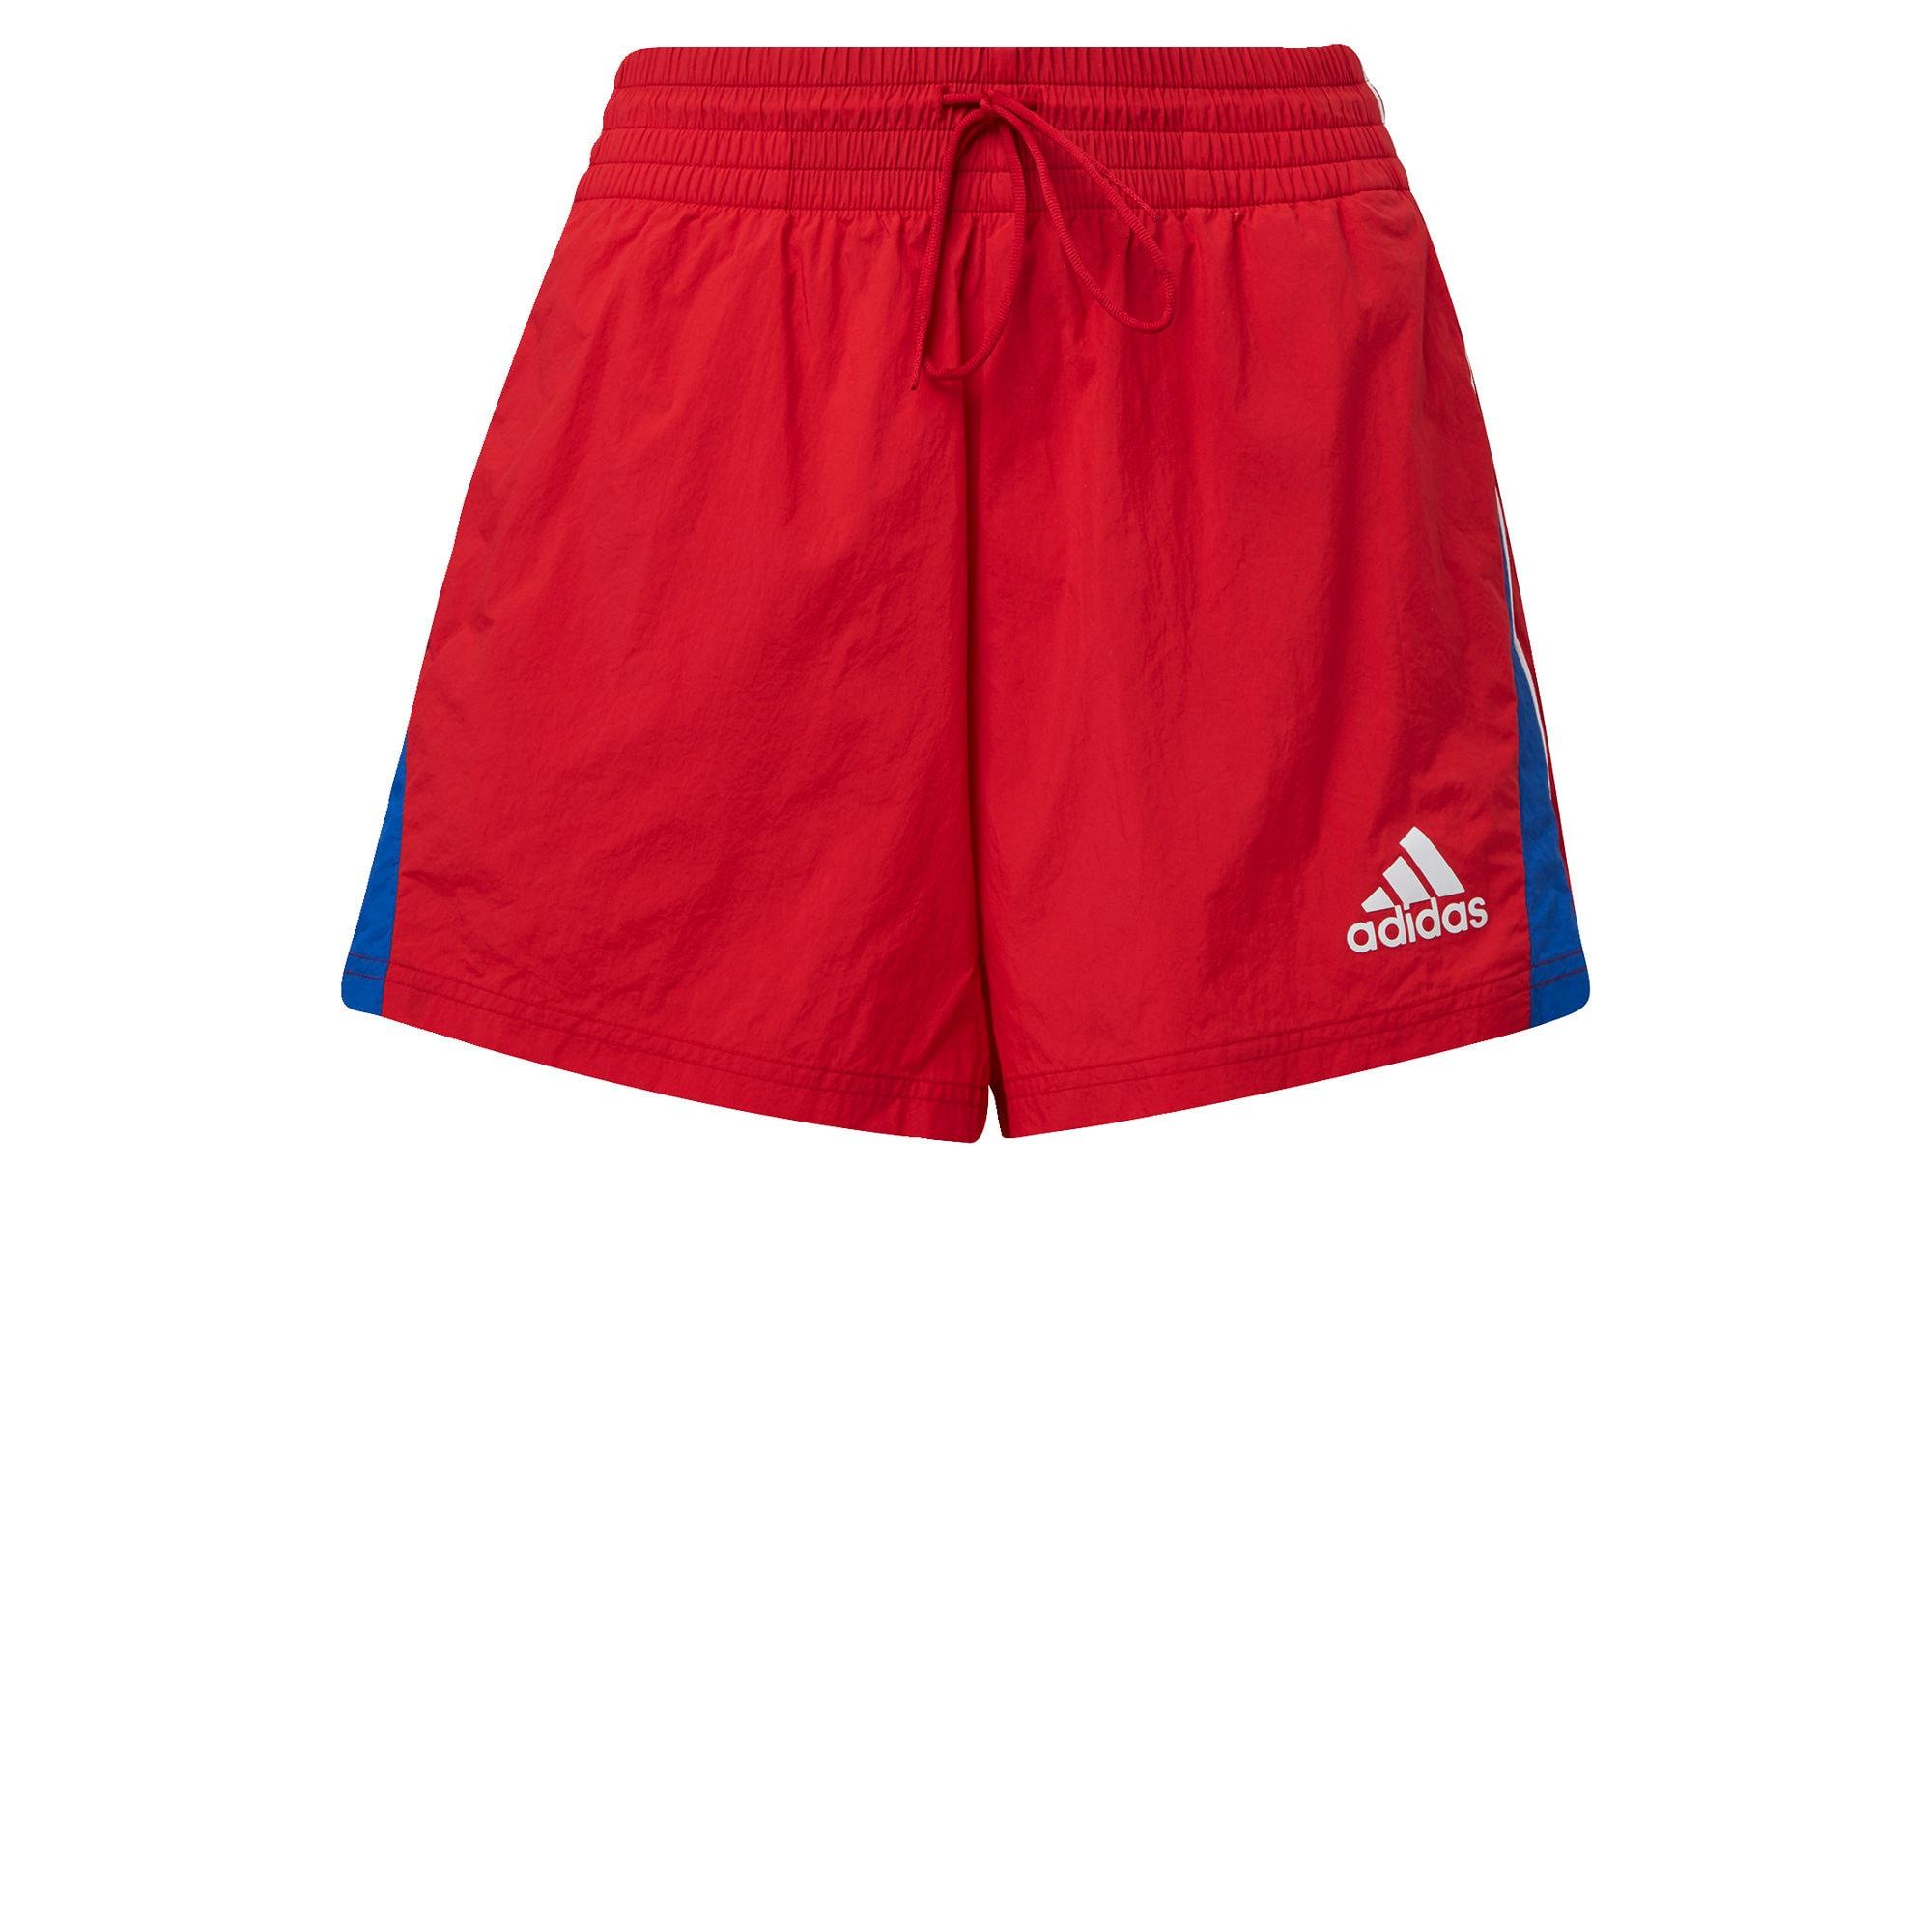 """ADIDAS PERFORMANCE Sportinės kelnės raudona / sodri mėlyna (""""karališka"""") / balta"""